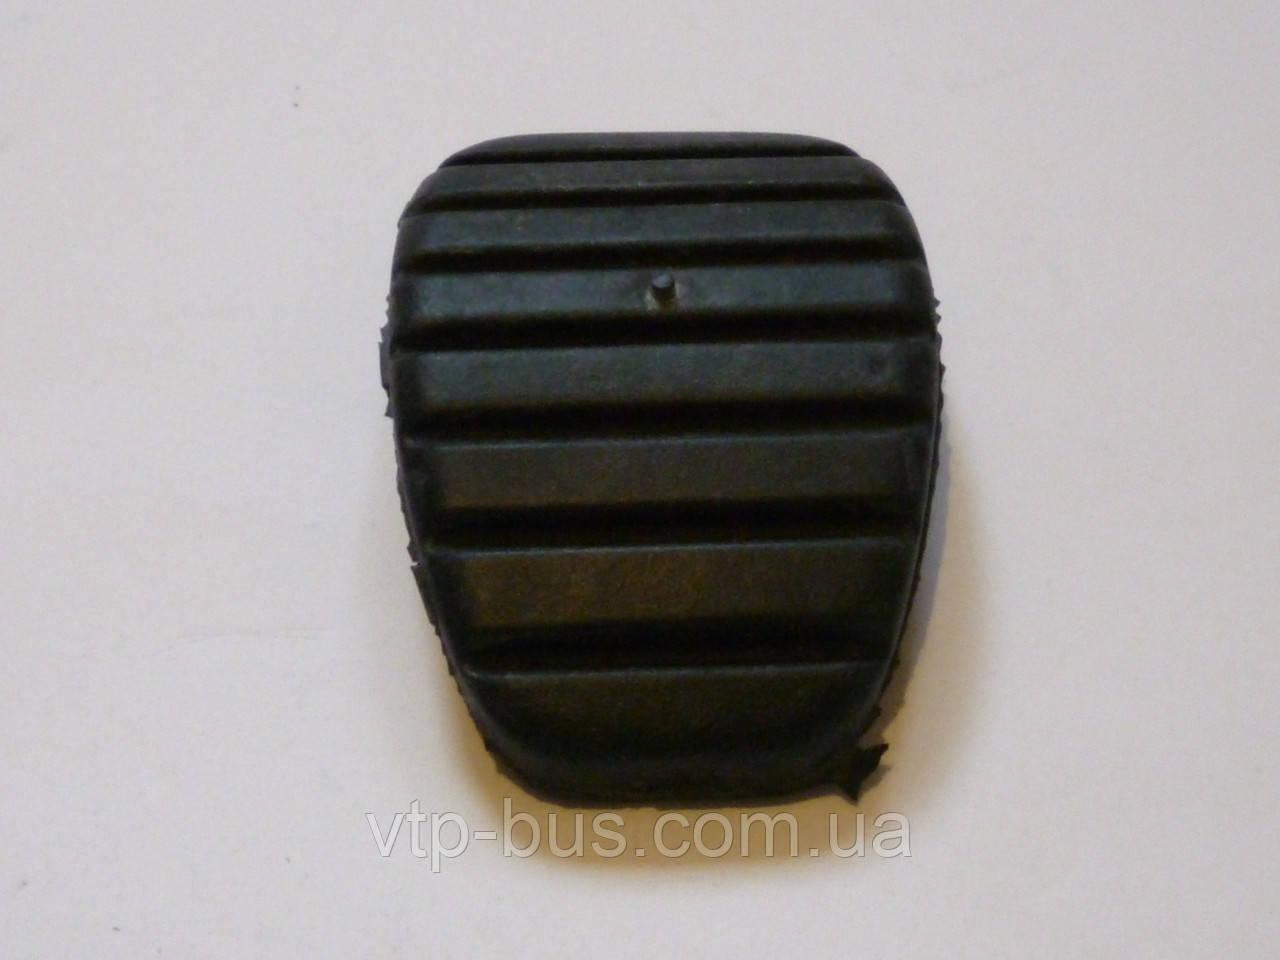 Накладка педали сцепления и педали тормоза (ширина 50mm) на Renault Trafic с 2001... BCGUMMA (Украина), BC1108